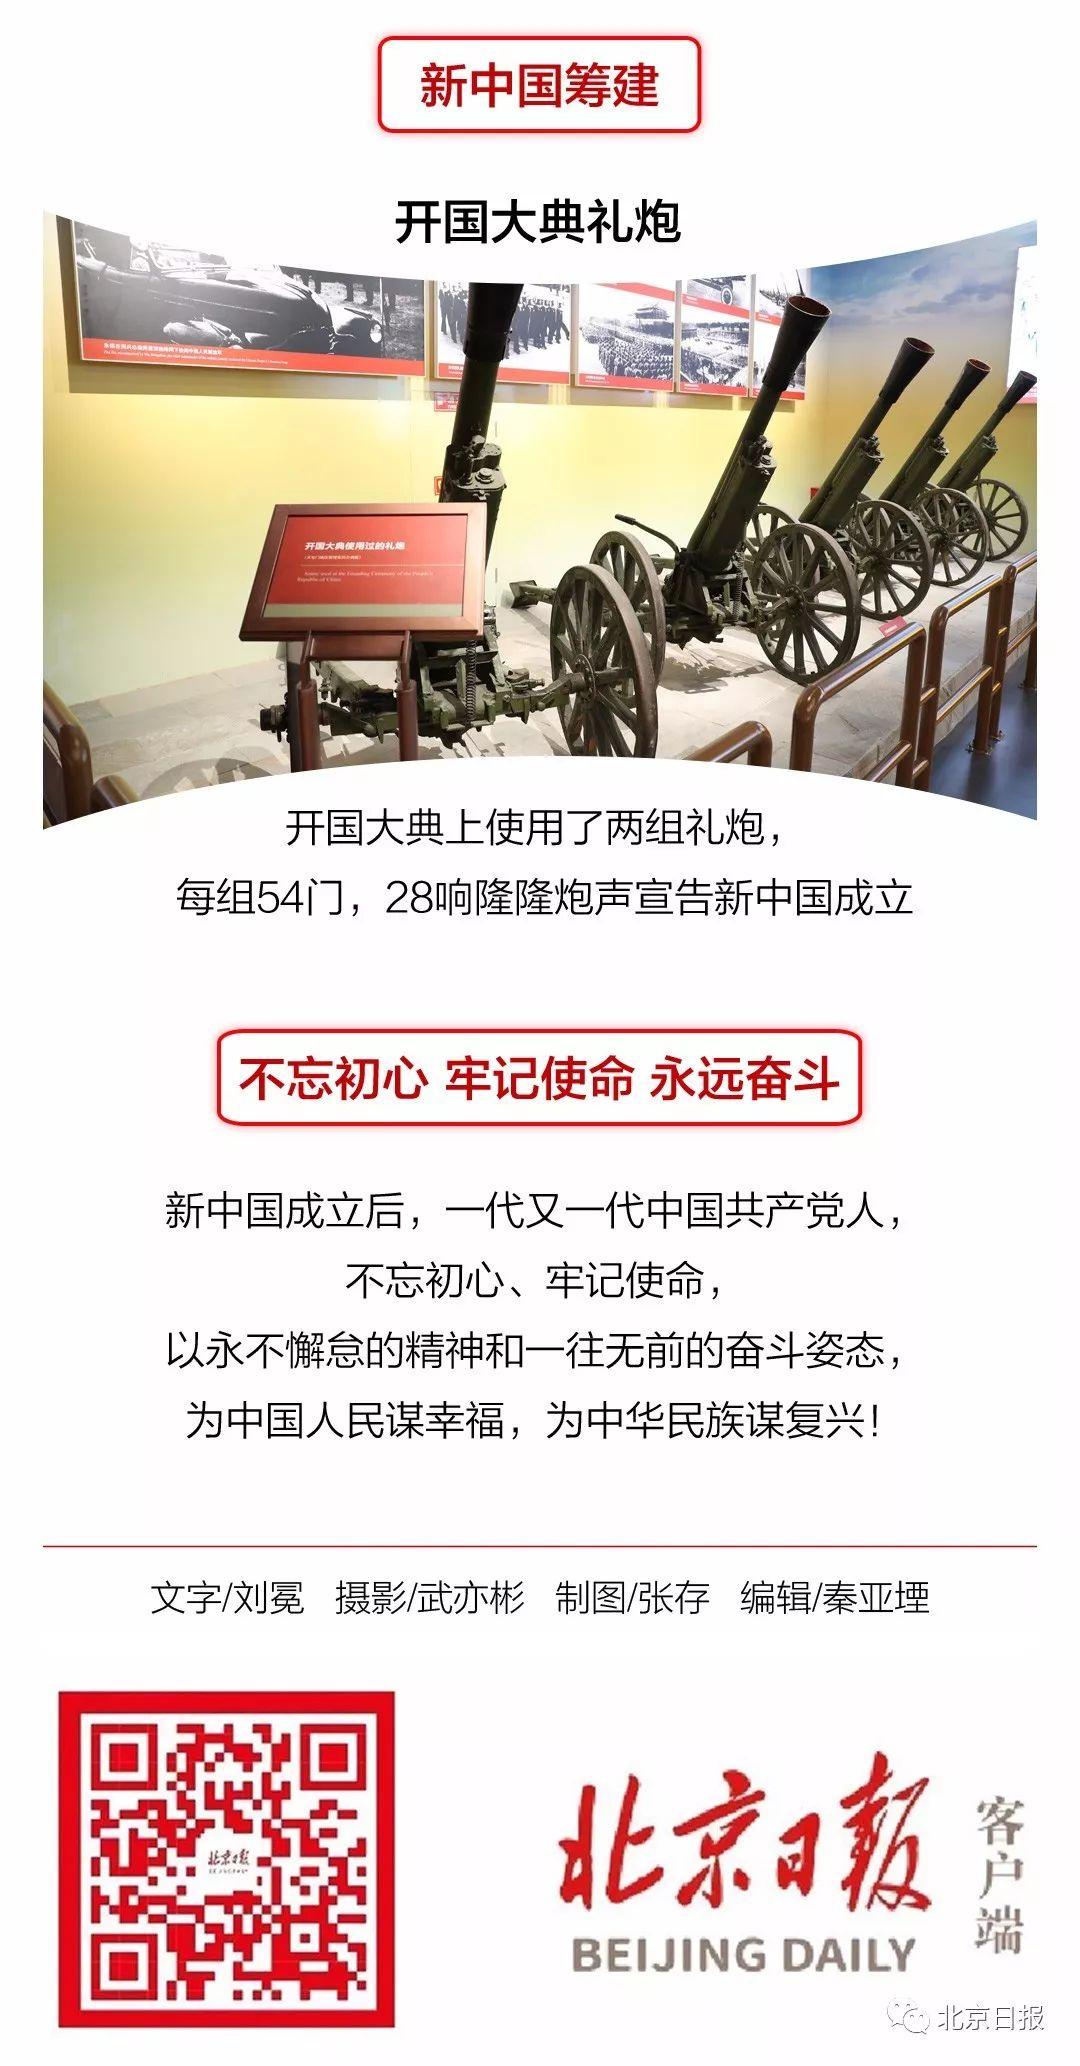 为什么香山革命旧址开放会引起这么强烈的关注与反响?